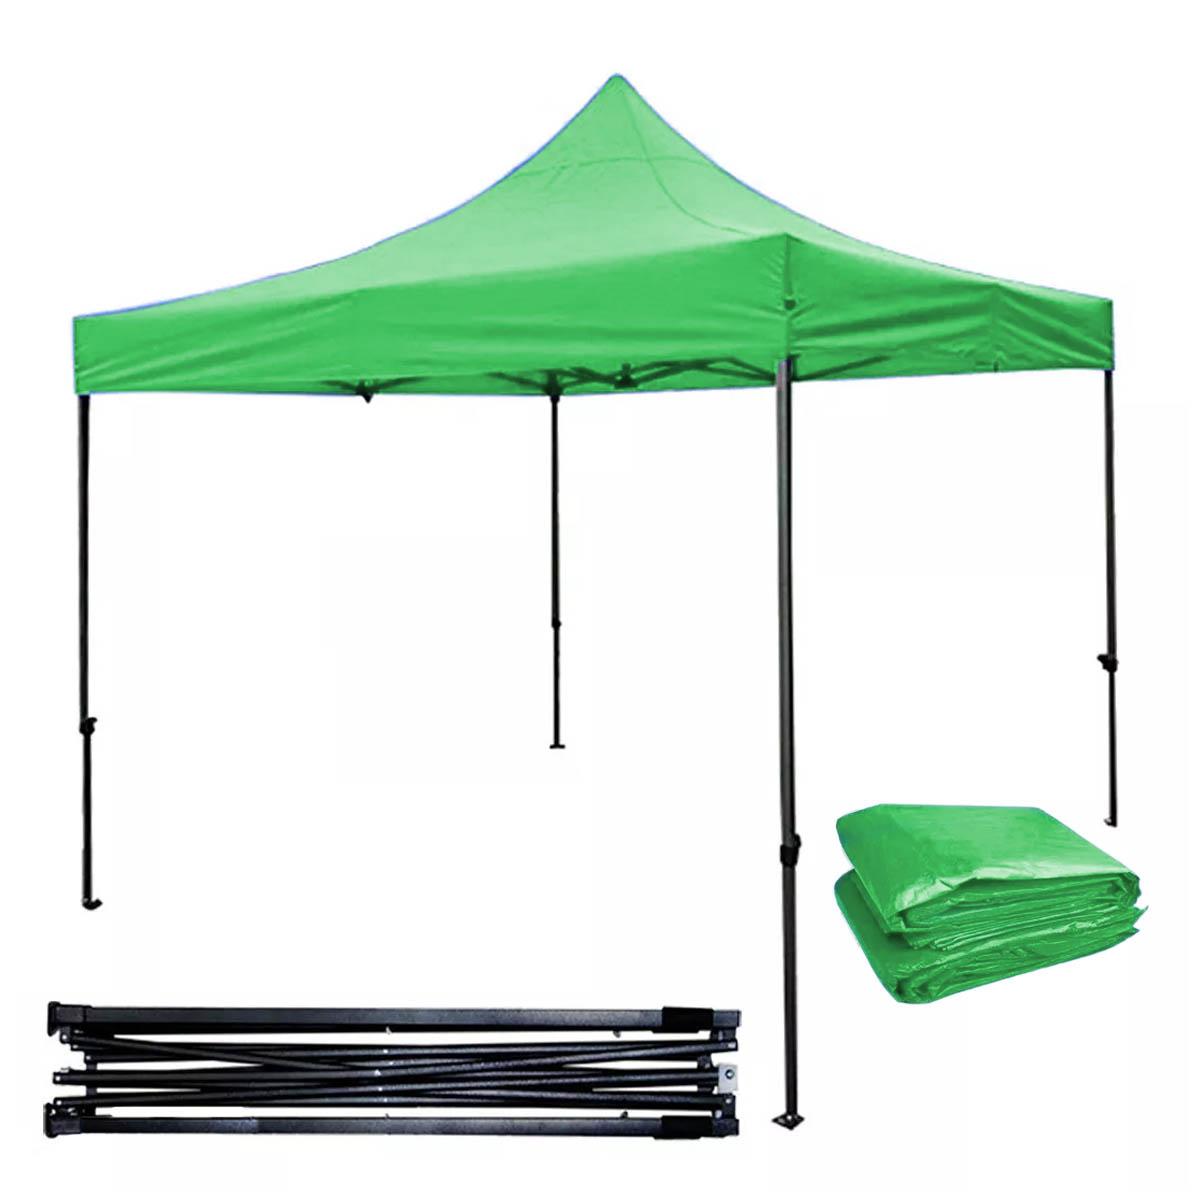 Toldo Carpa Impermeable Plegable Acero 3X3 M Verde Kingsman